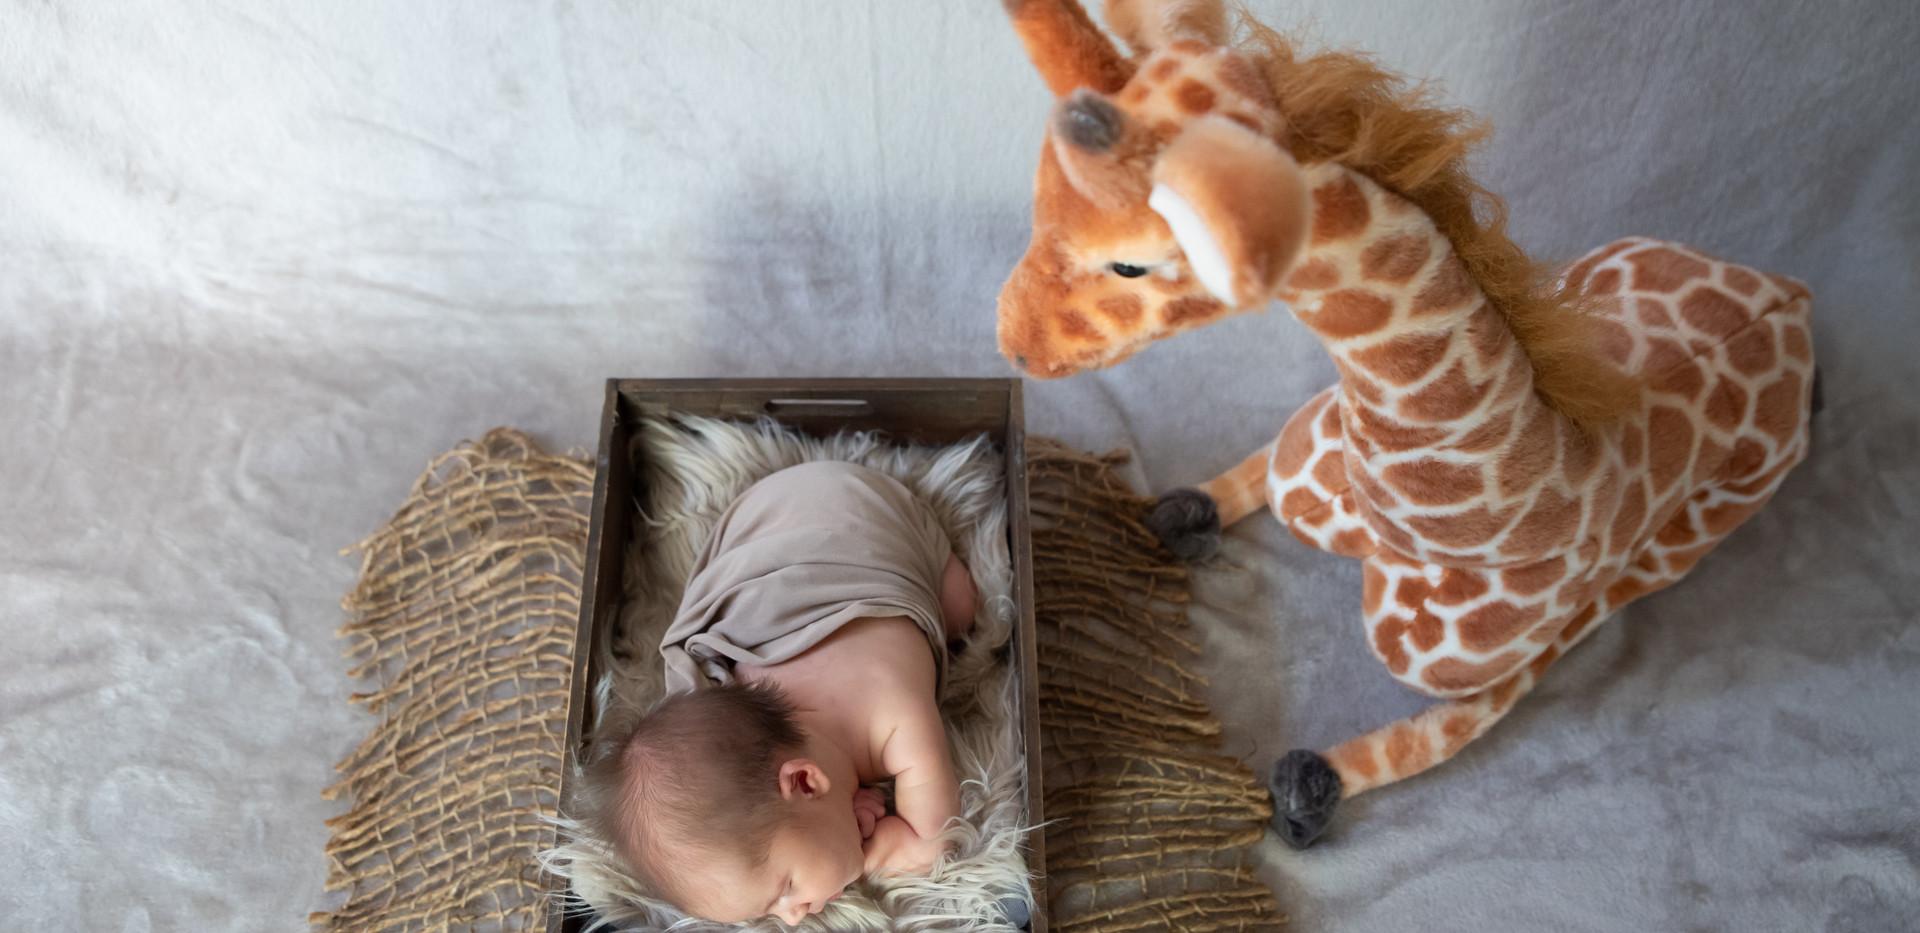 Photographe bébé naissance salon en provence